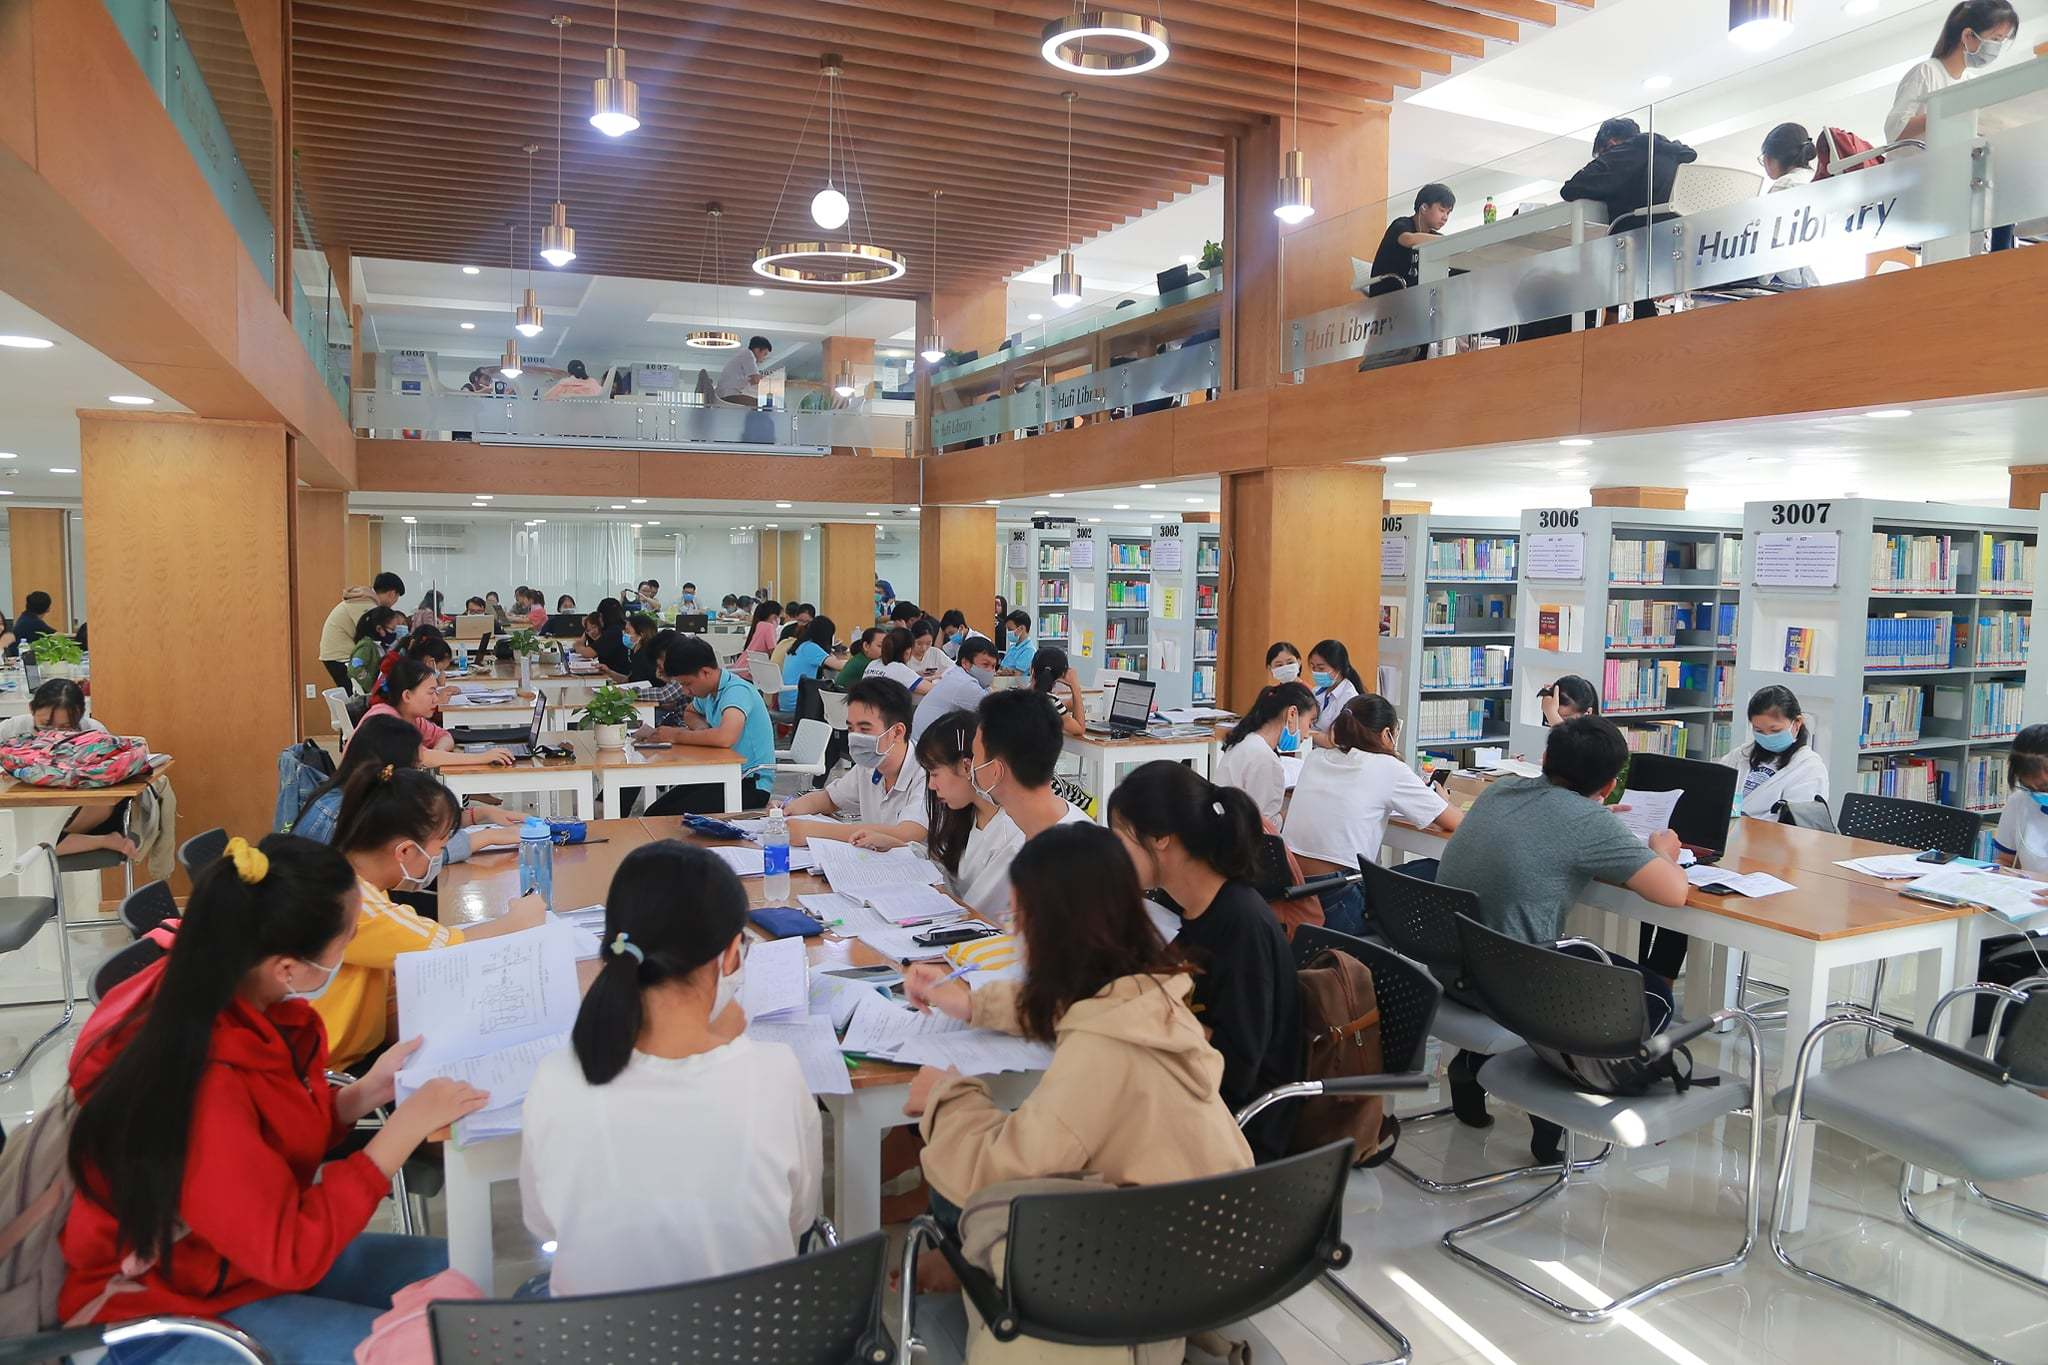 Thư viện 'sang chảnh' hàng chục tỷ ở Sài Gòn